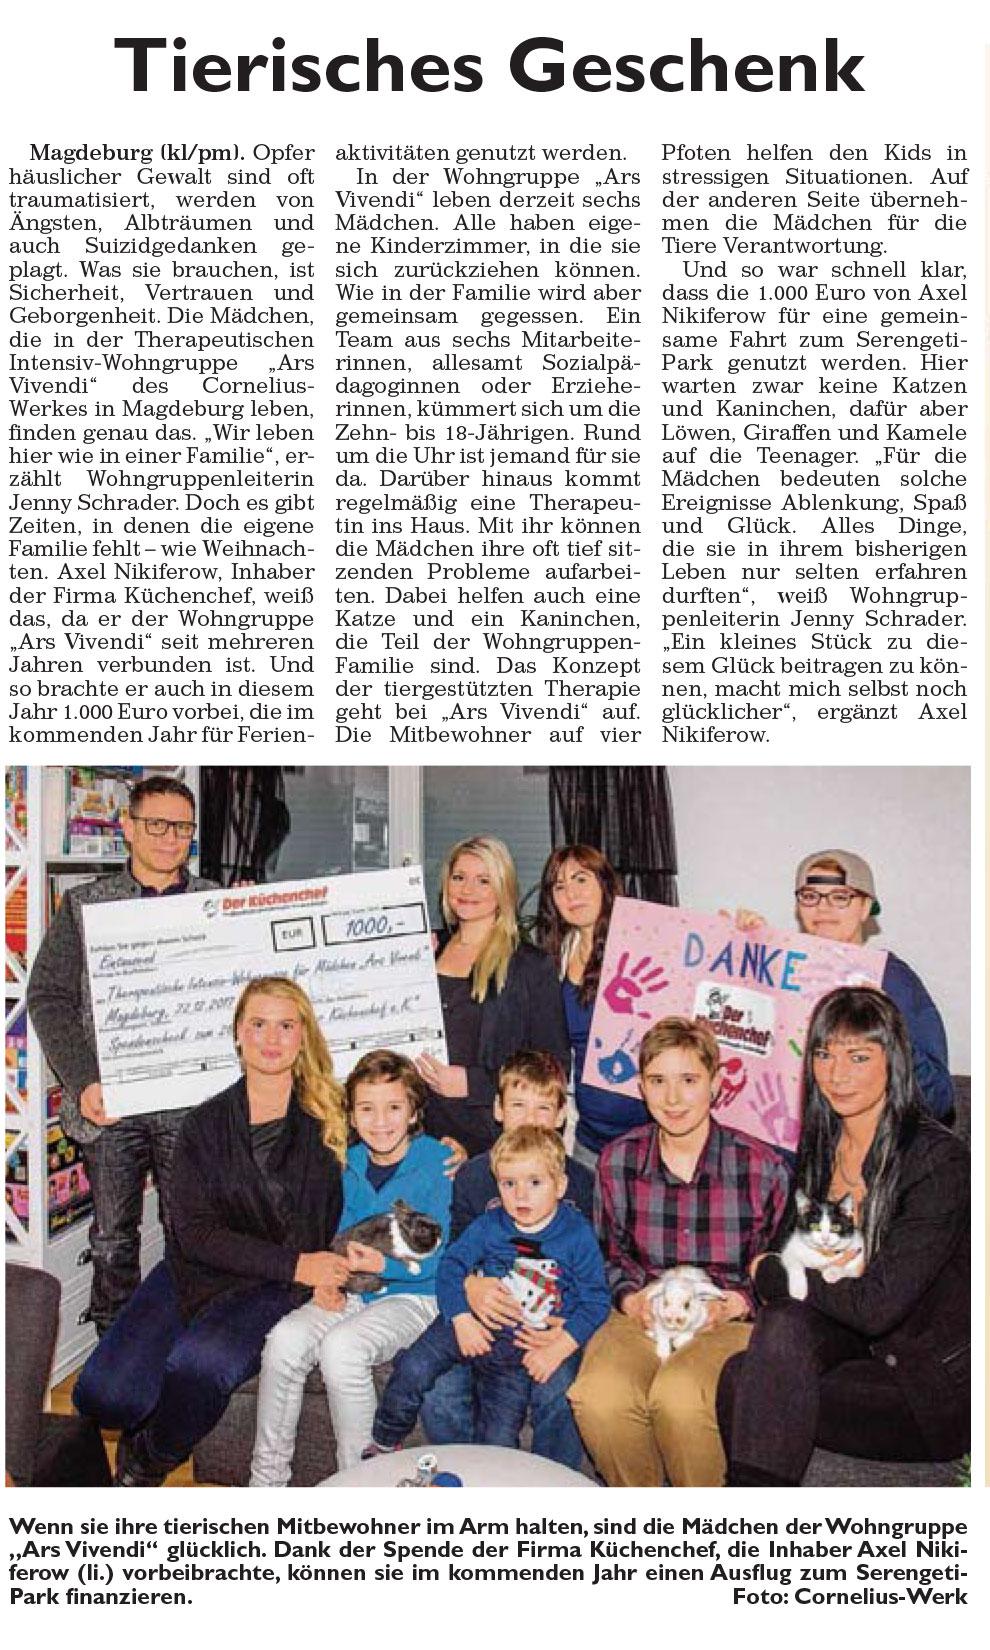 Artikel - Tierisches Geschenk - Magdeburger Generalanzeiger vom 31.12.2017